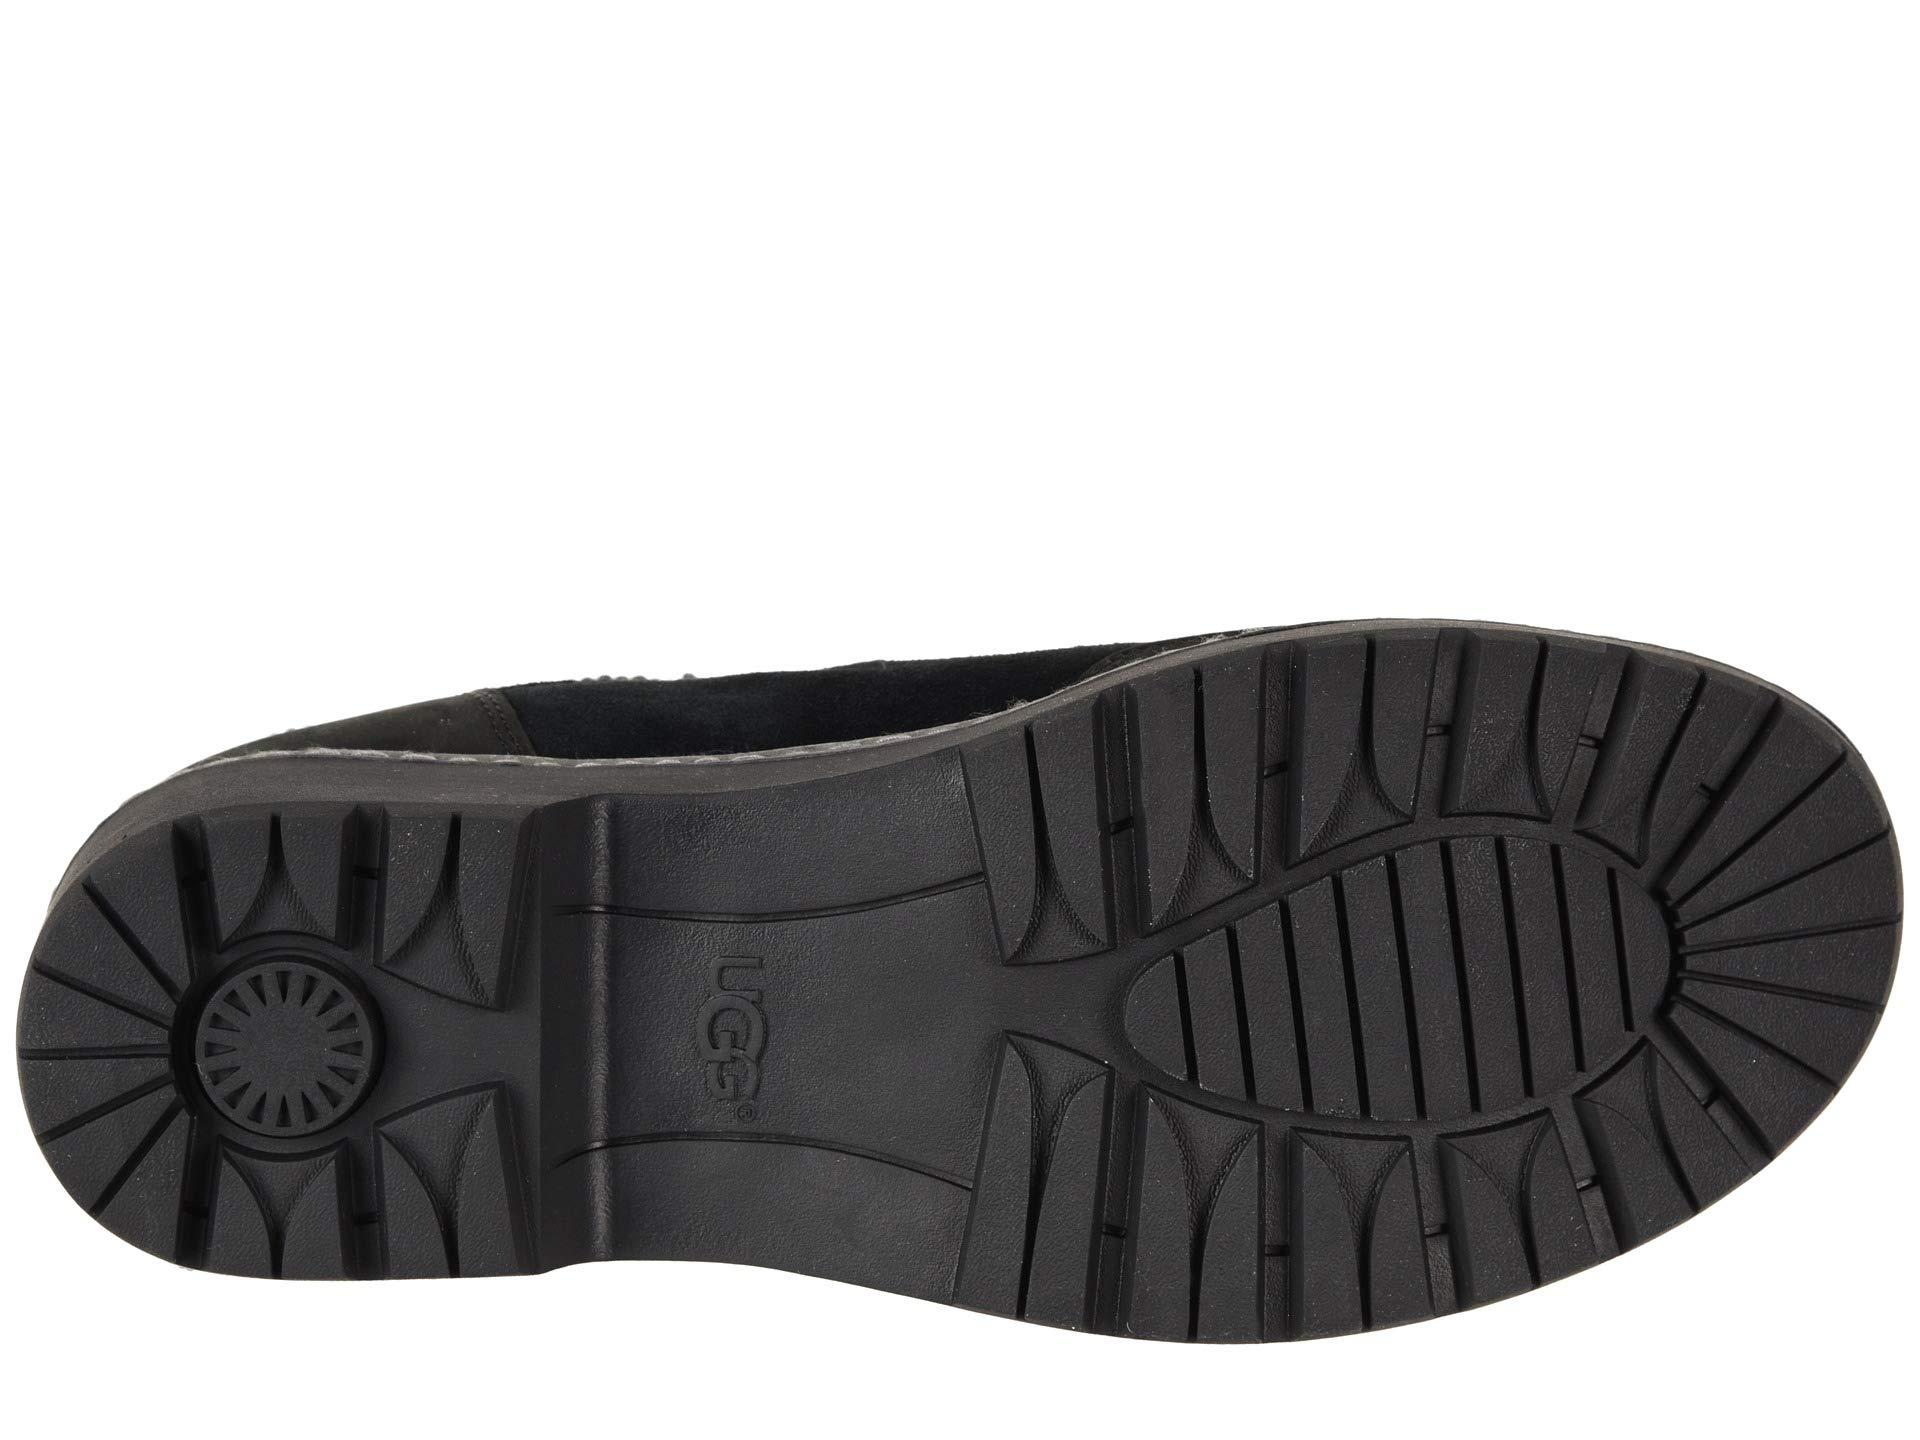 Ankle Ugg Black Ankle Kress Kress Ugg Boot Boot Ankle Black Ugg Kress Black Ugg Kress Boot RUFqRd